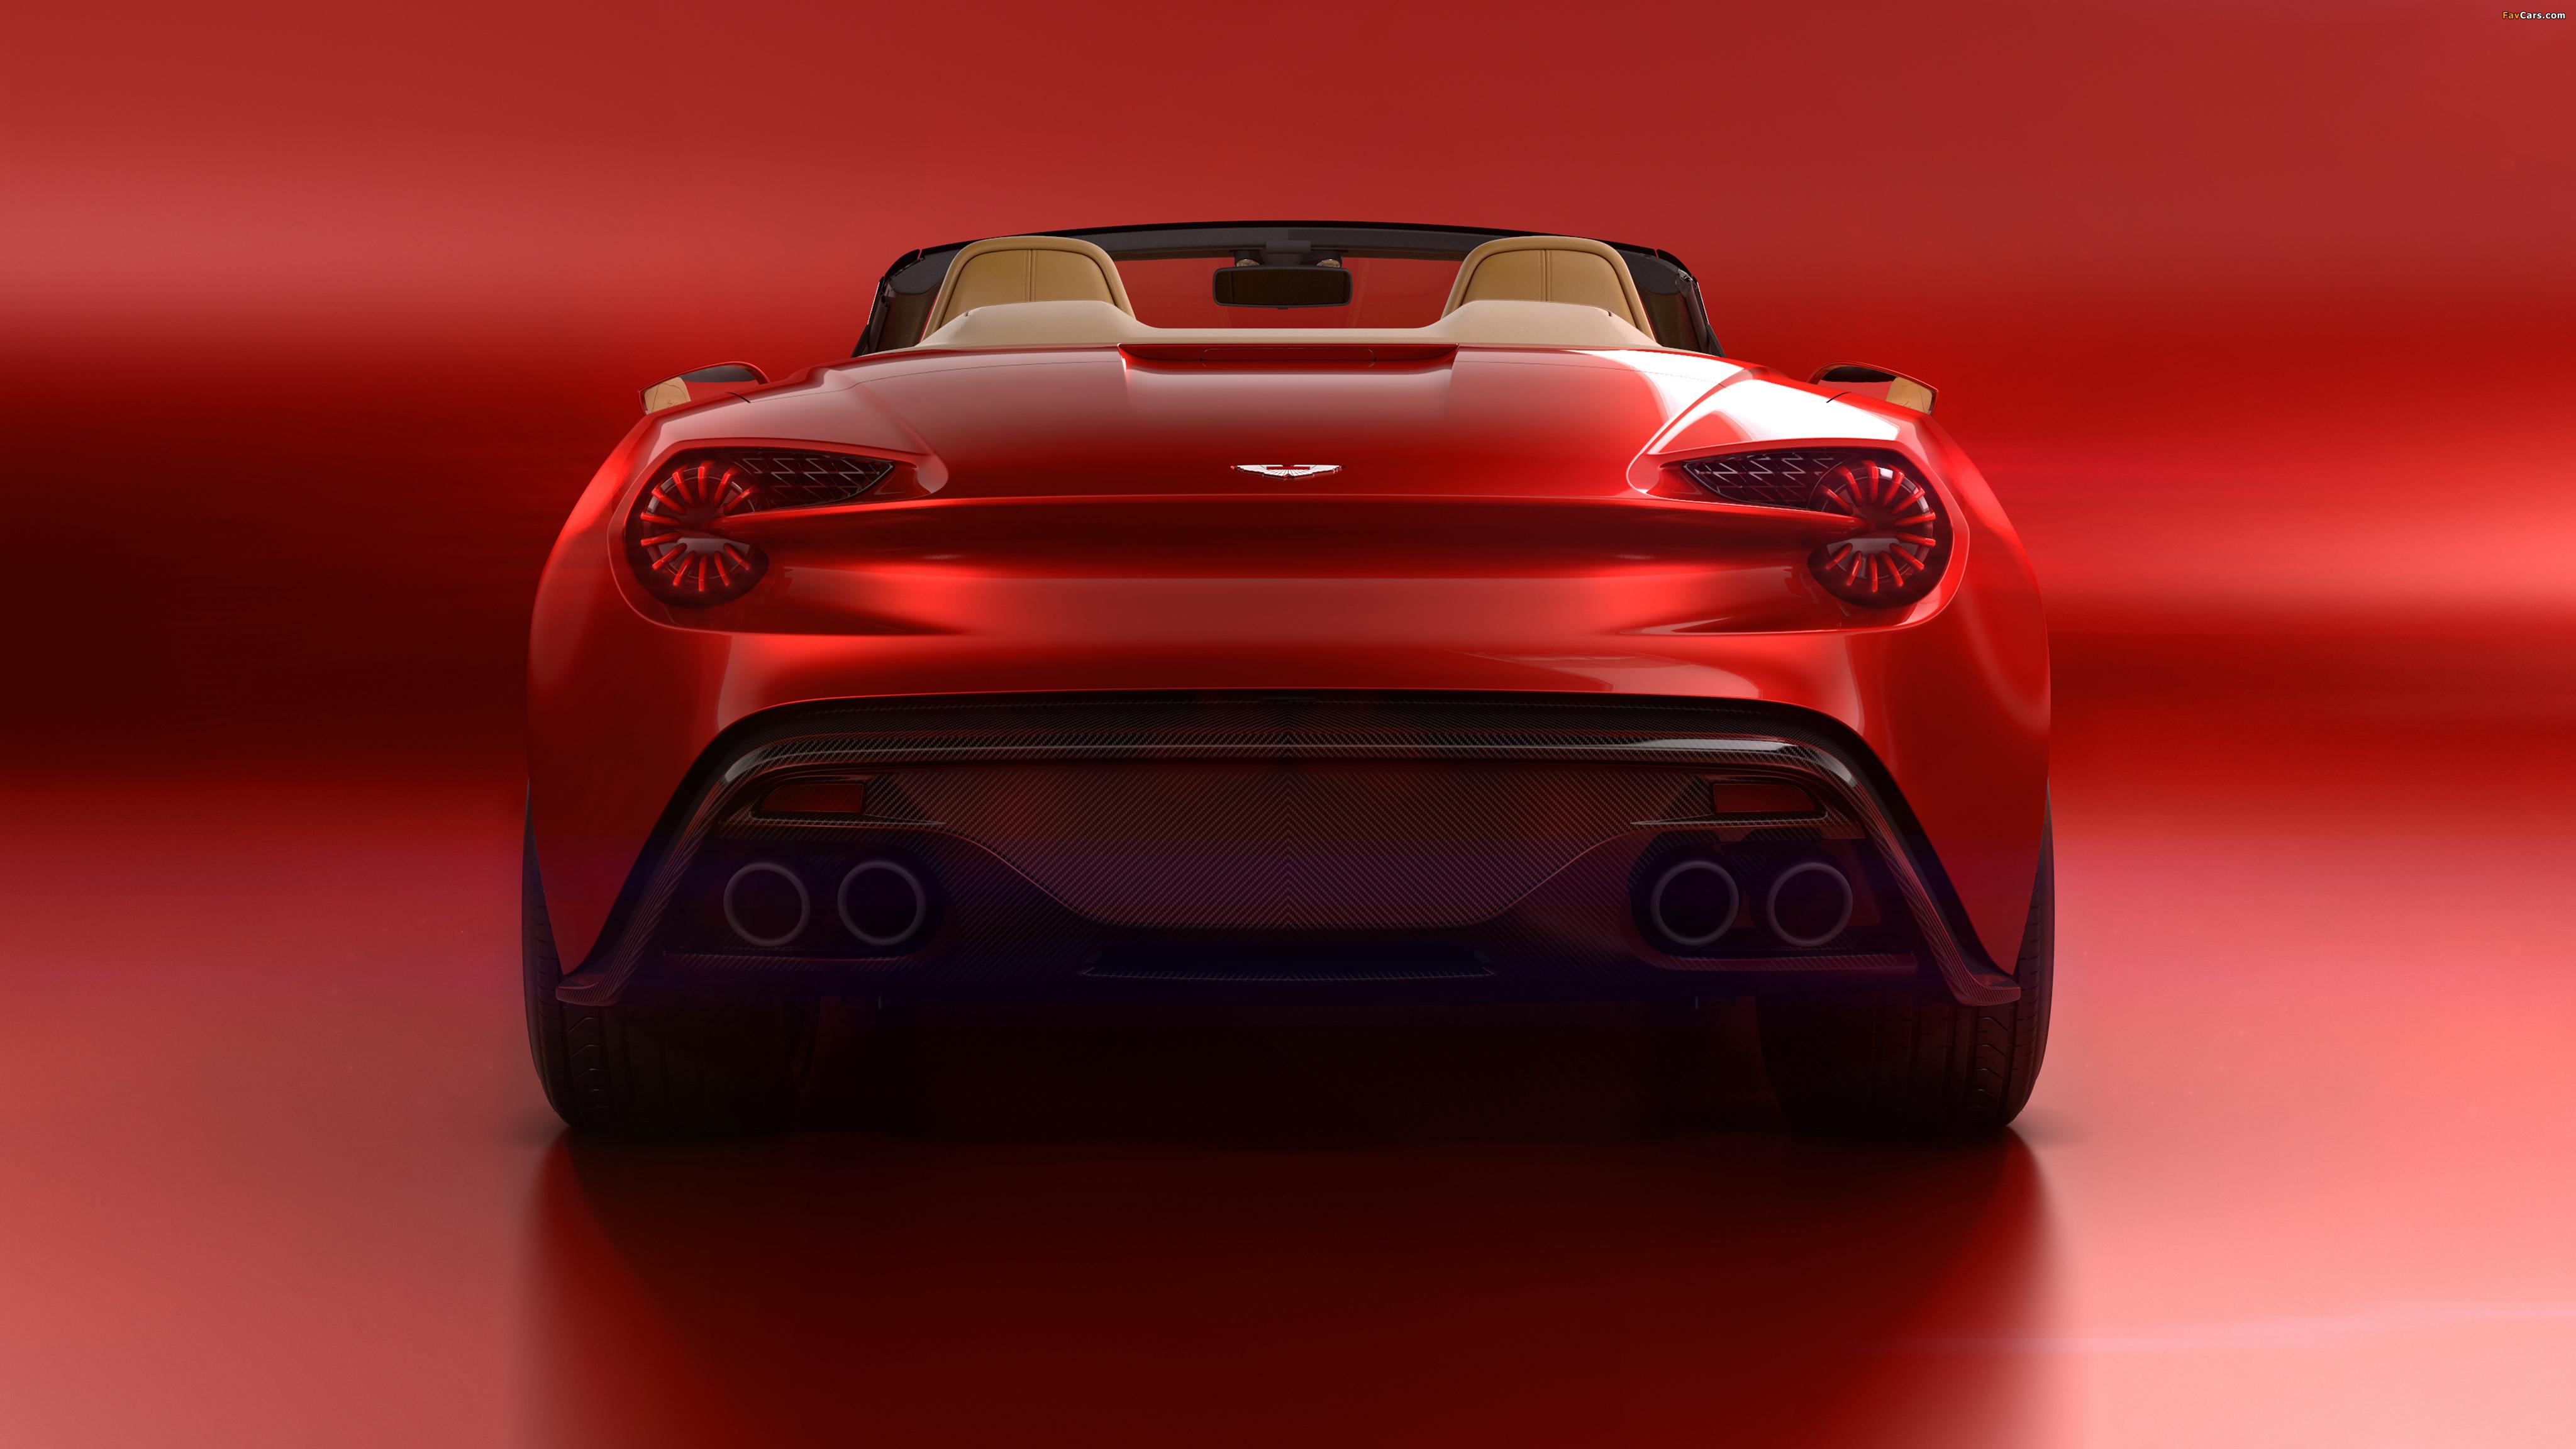 Aston Martin Vanquish Zagato Volante 2016 wallpapers 4096x2304